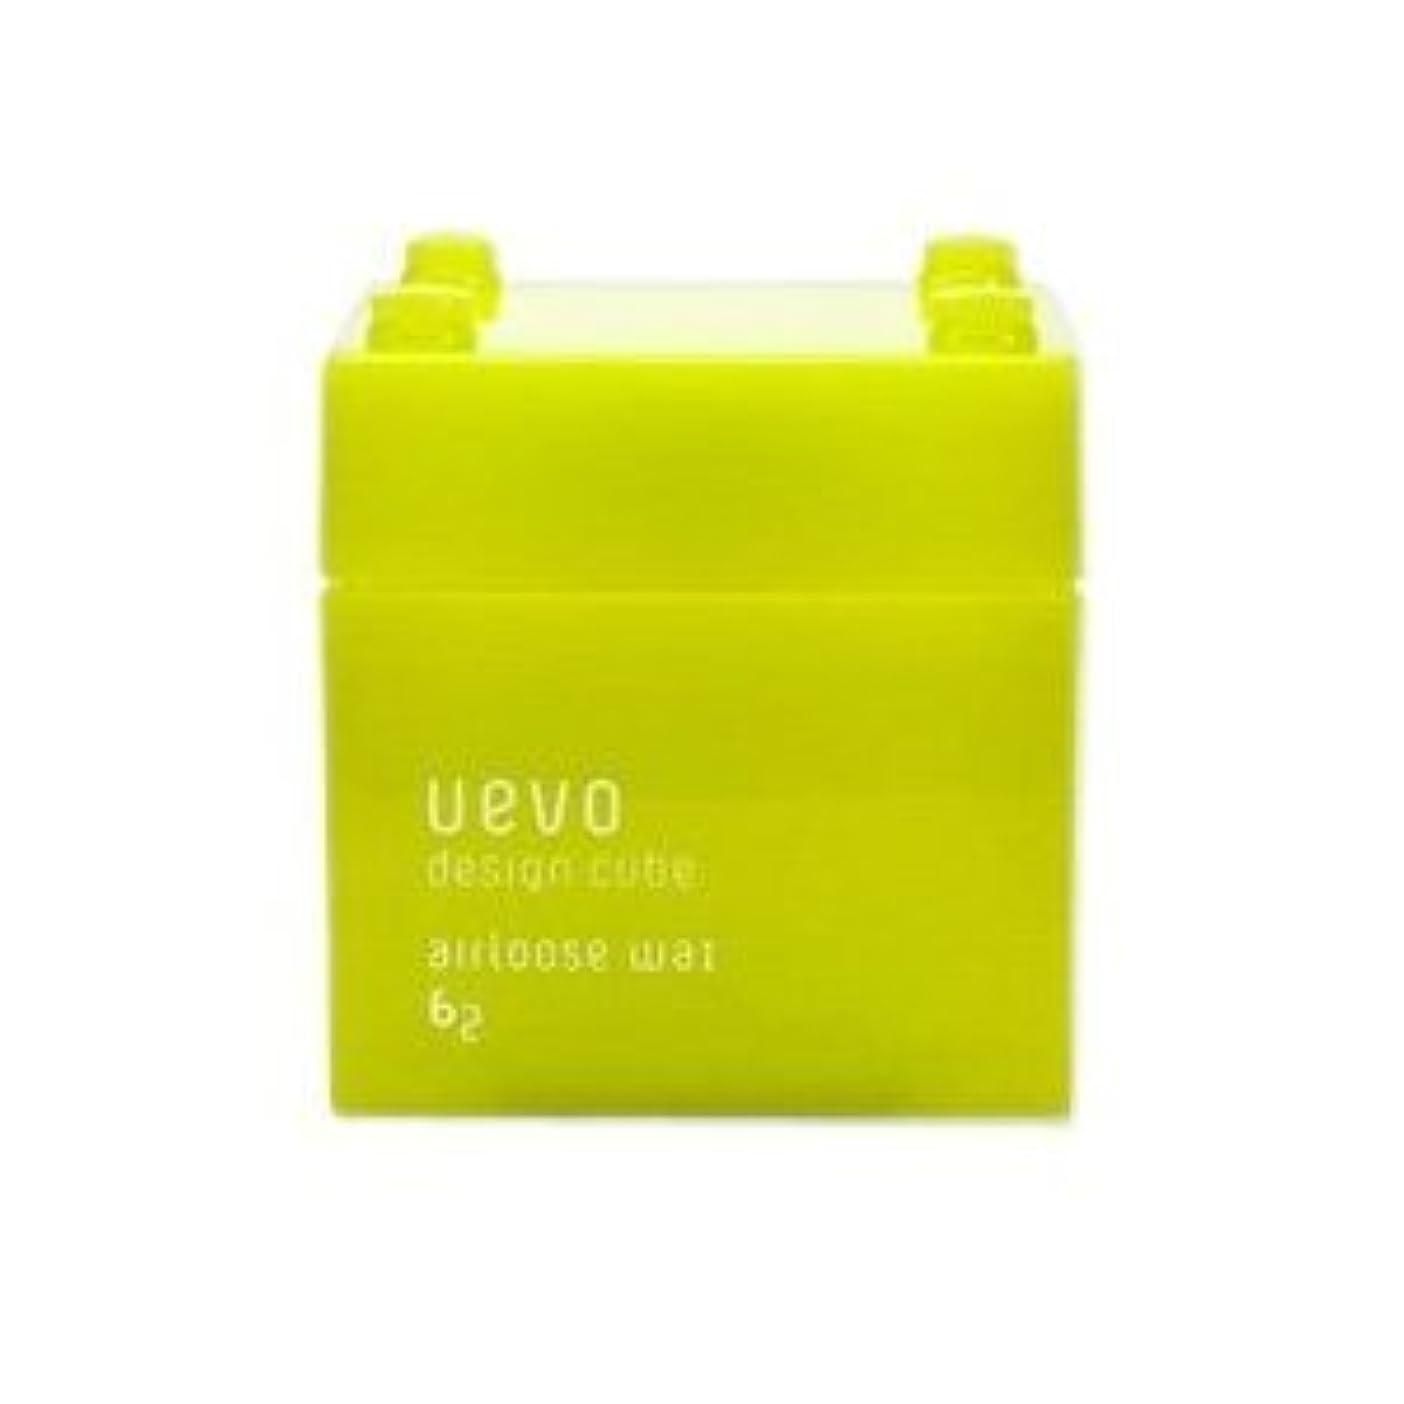 発揮する覗くもろい【X2個セット】 デミ ウェーボ デザインキューブ エアルーズワックス 80g airloose wax DEMI uevo design cube